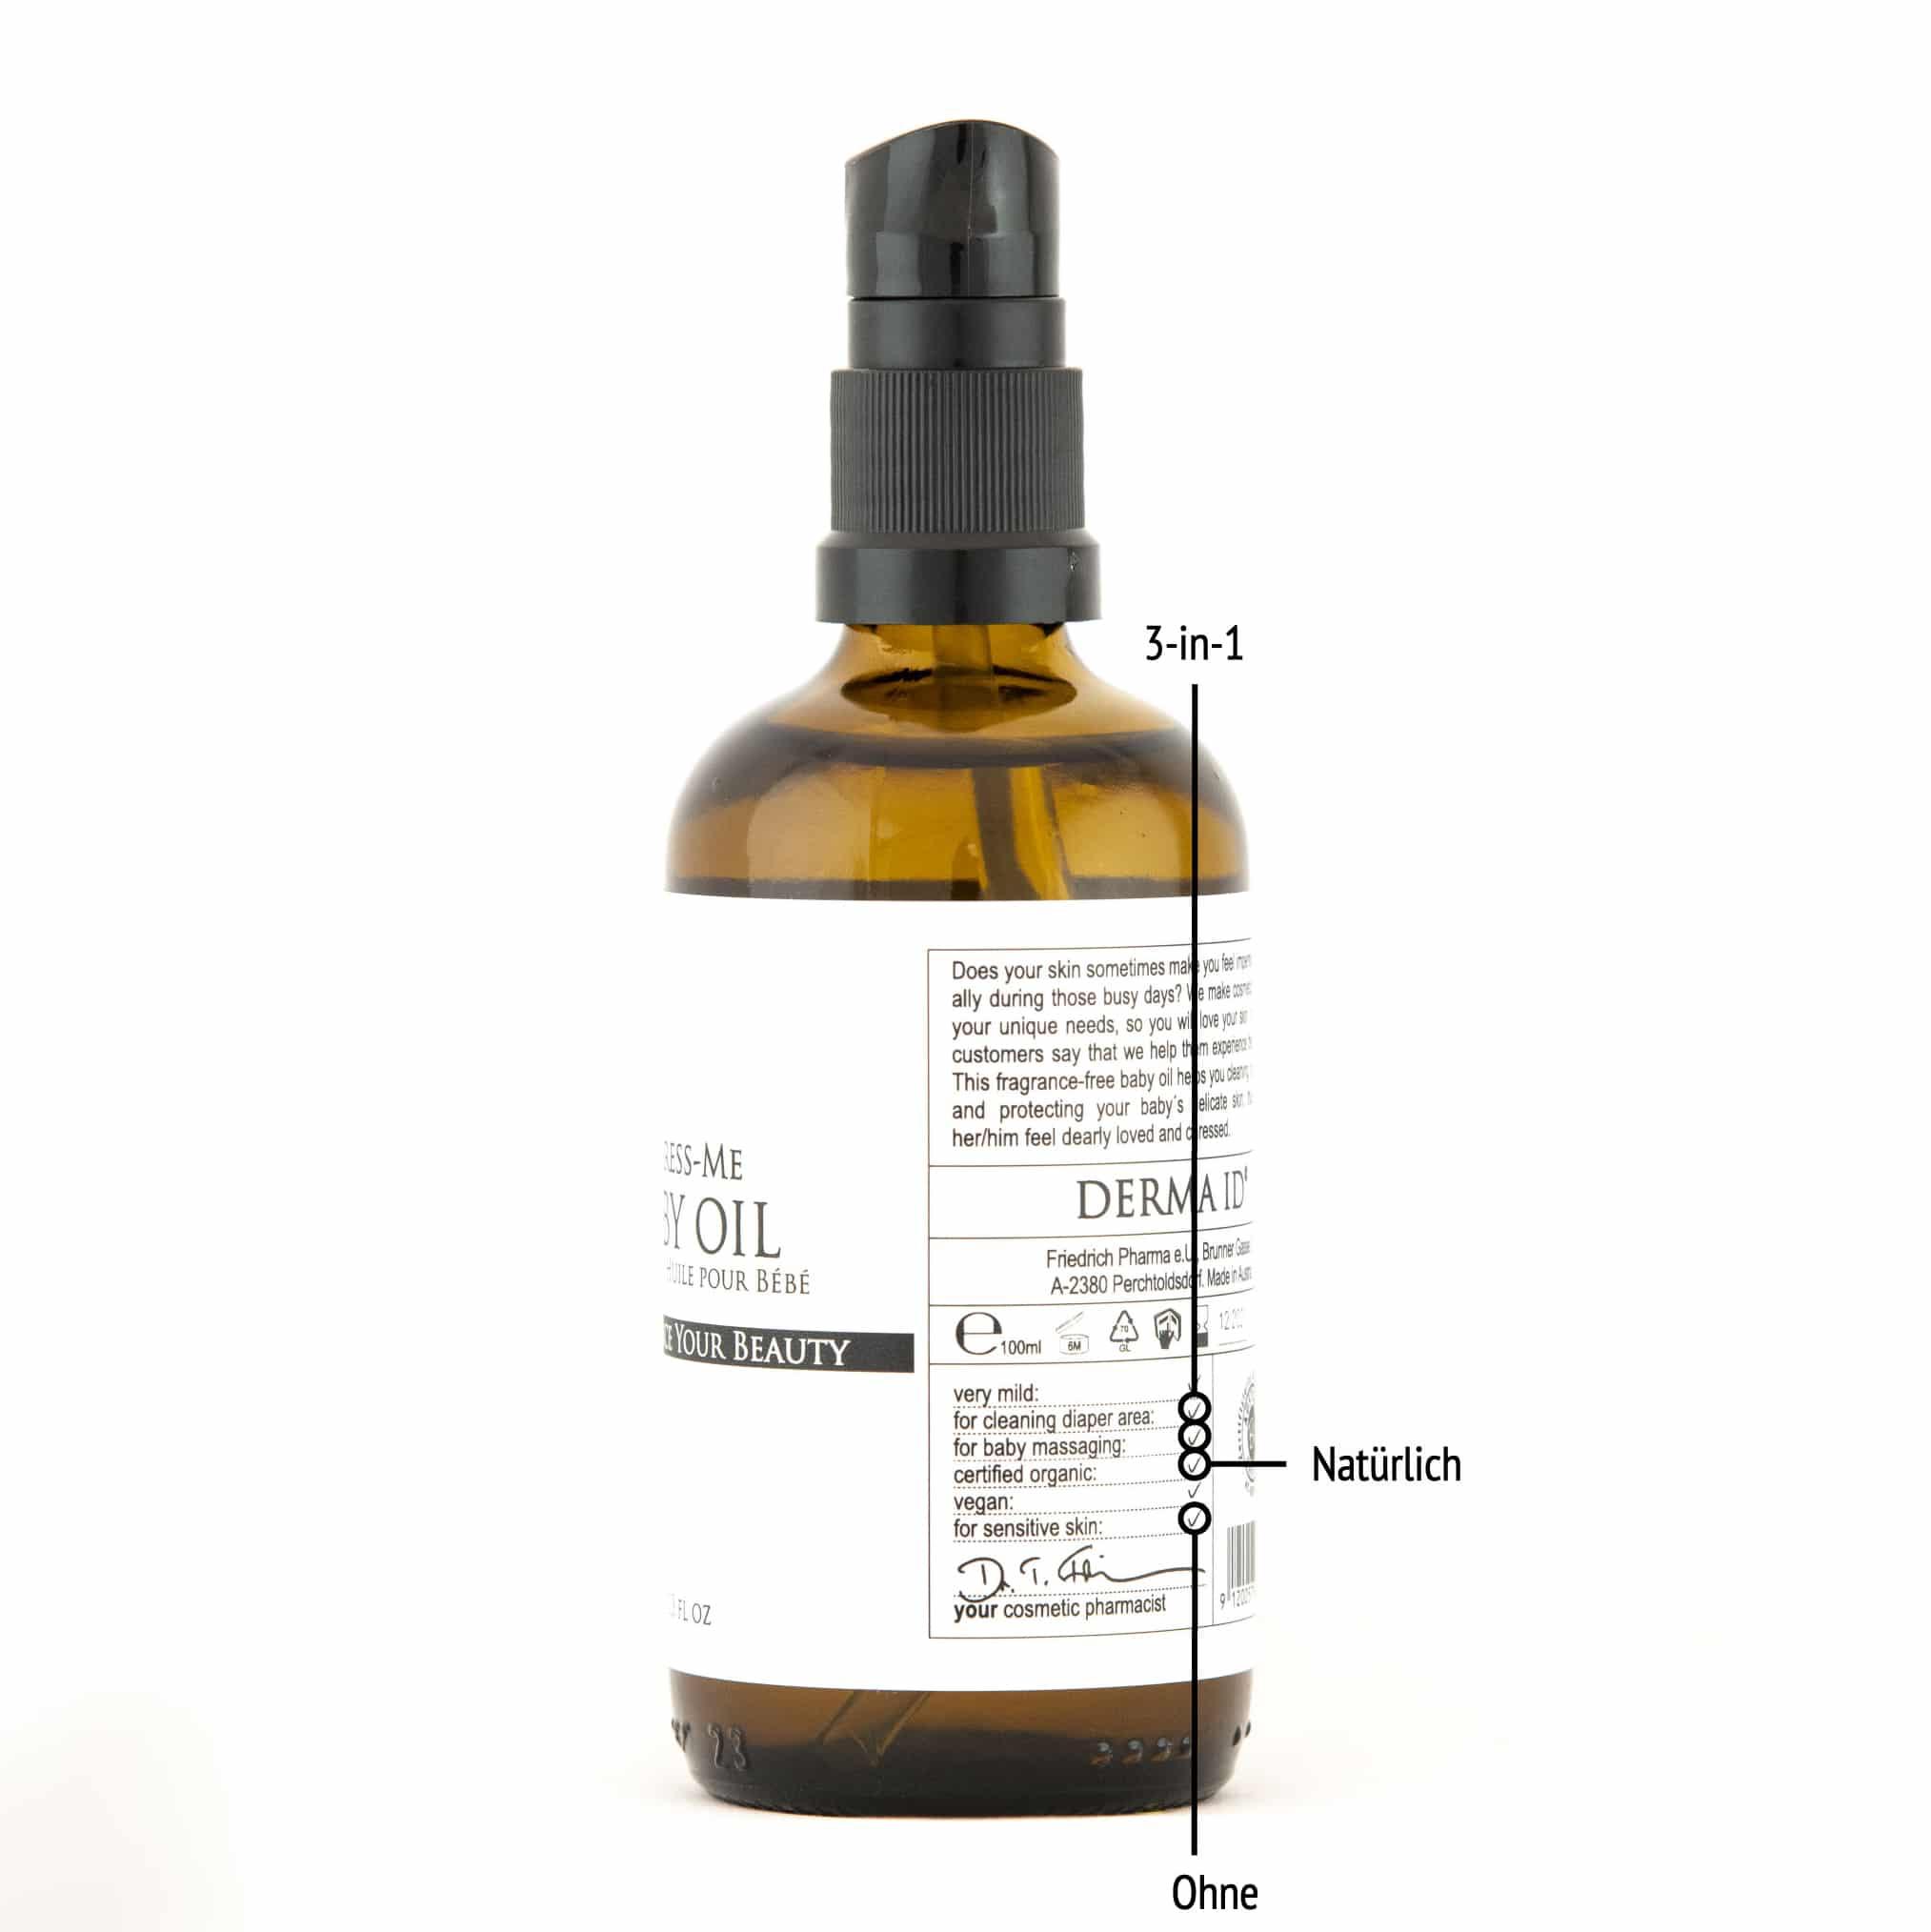 Derma ID Caress-Me Baby-Oil Babyöl hilft dir, weil es 3 Funktionen in 1 hat, natürlich und ohne Parfum, Alkohol, Parabene, Silikone und Mikroplastik ist